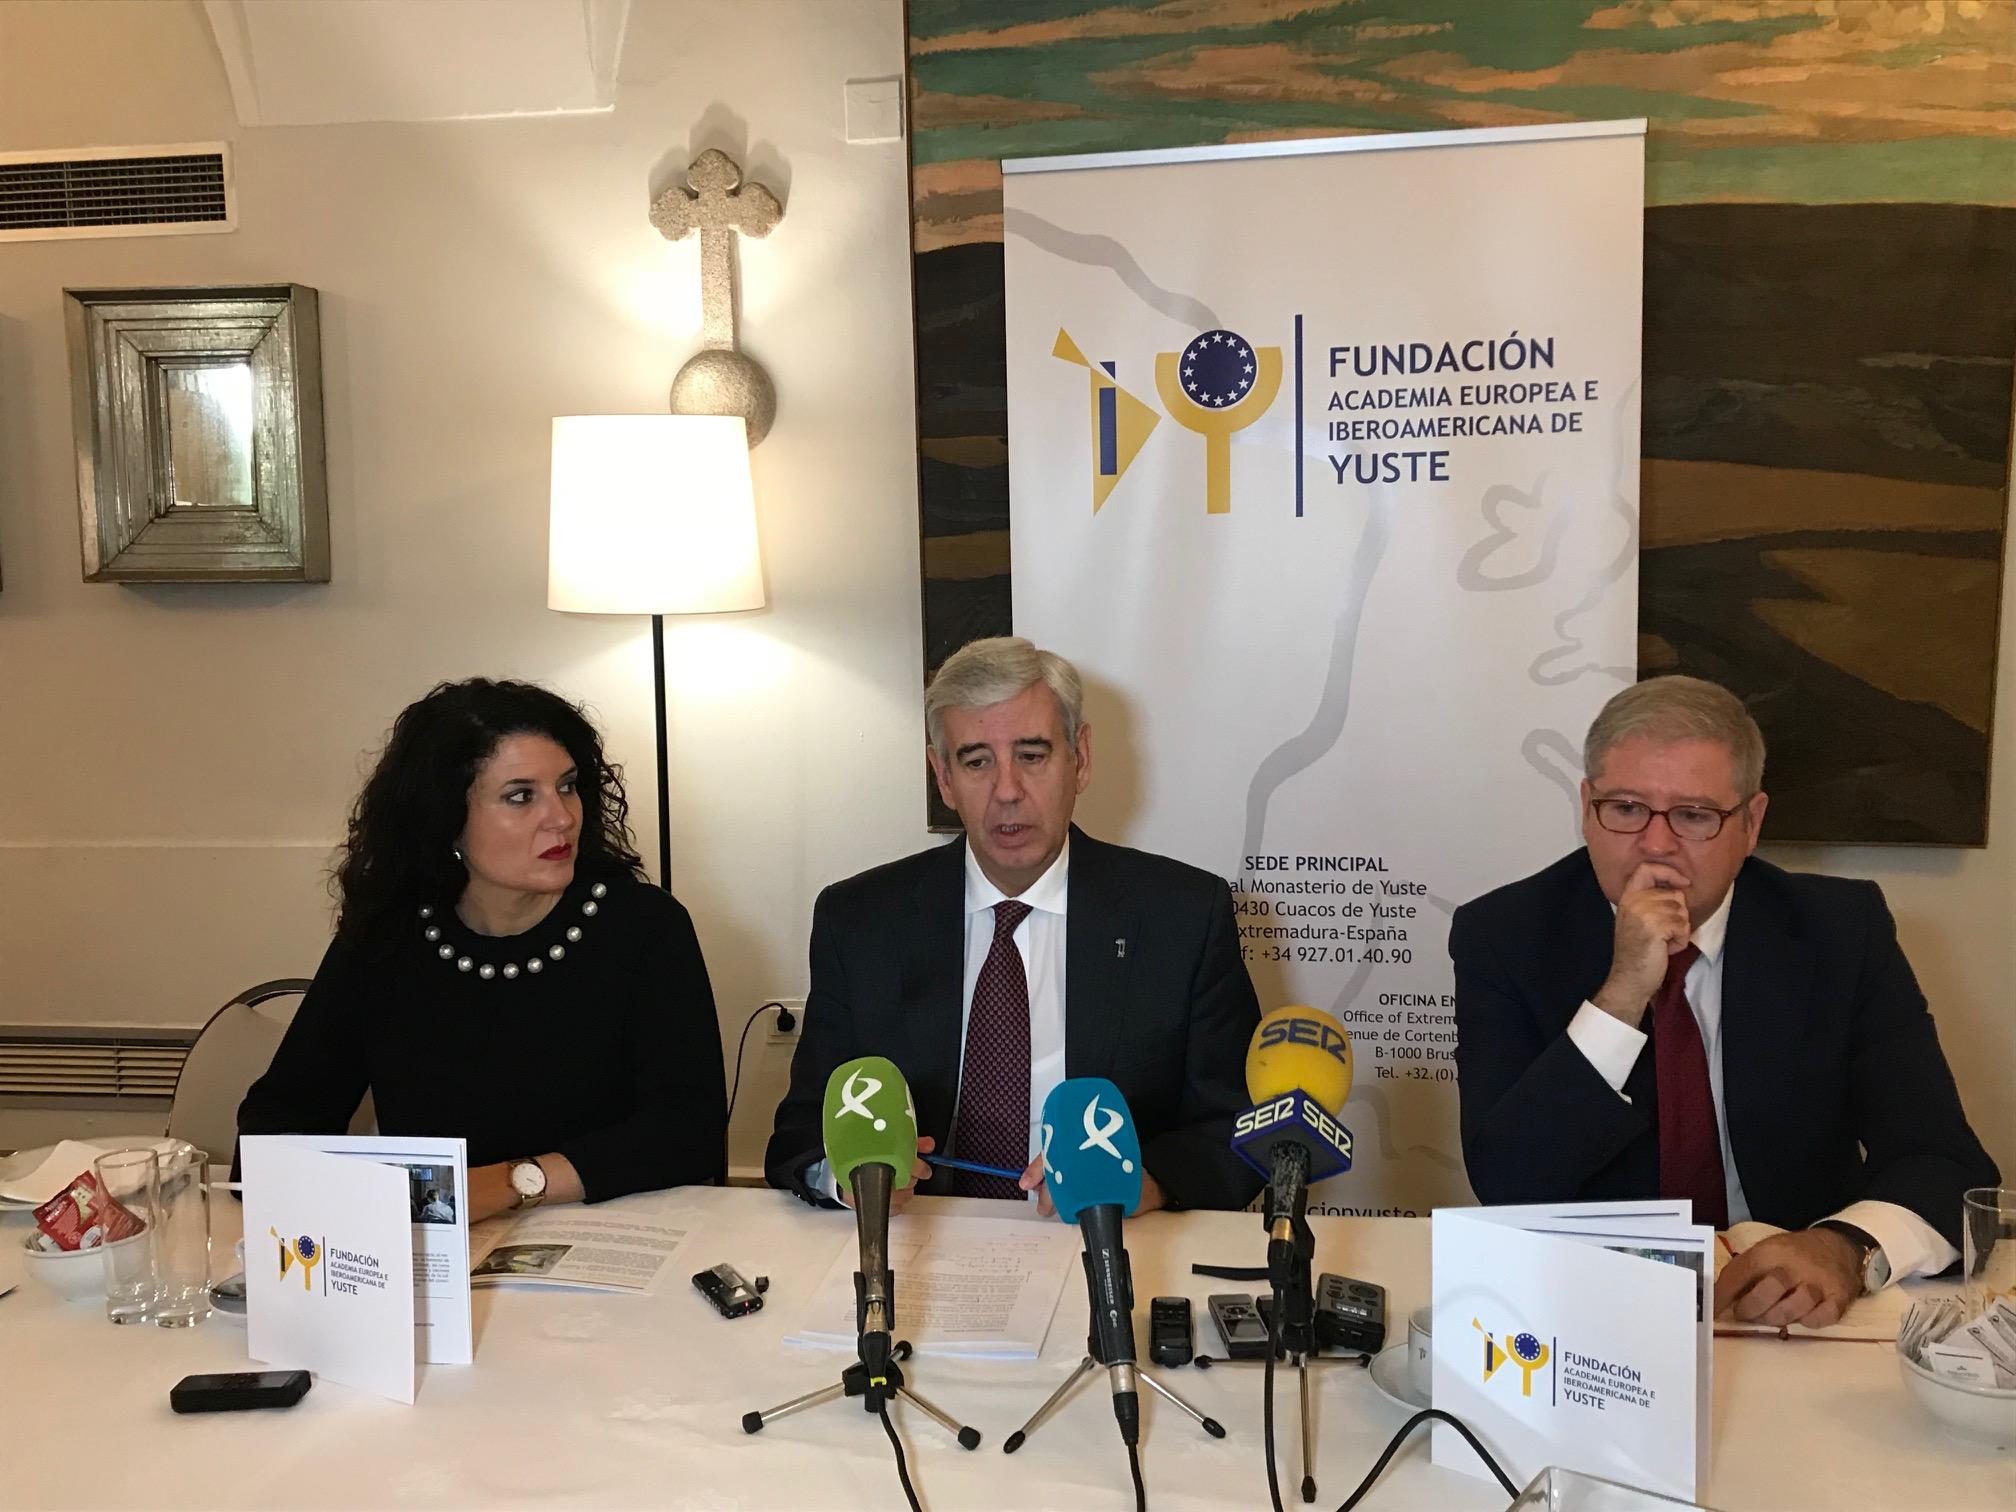 La Fundación Academia Europea e Iberoamericana de Yuste contribuirá al impulso y la consolidación de los vínculos existentes entre Extremadura, Europa e Iberoamérica